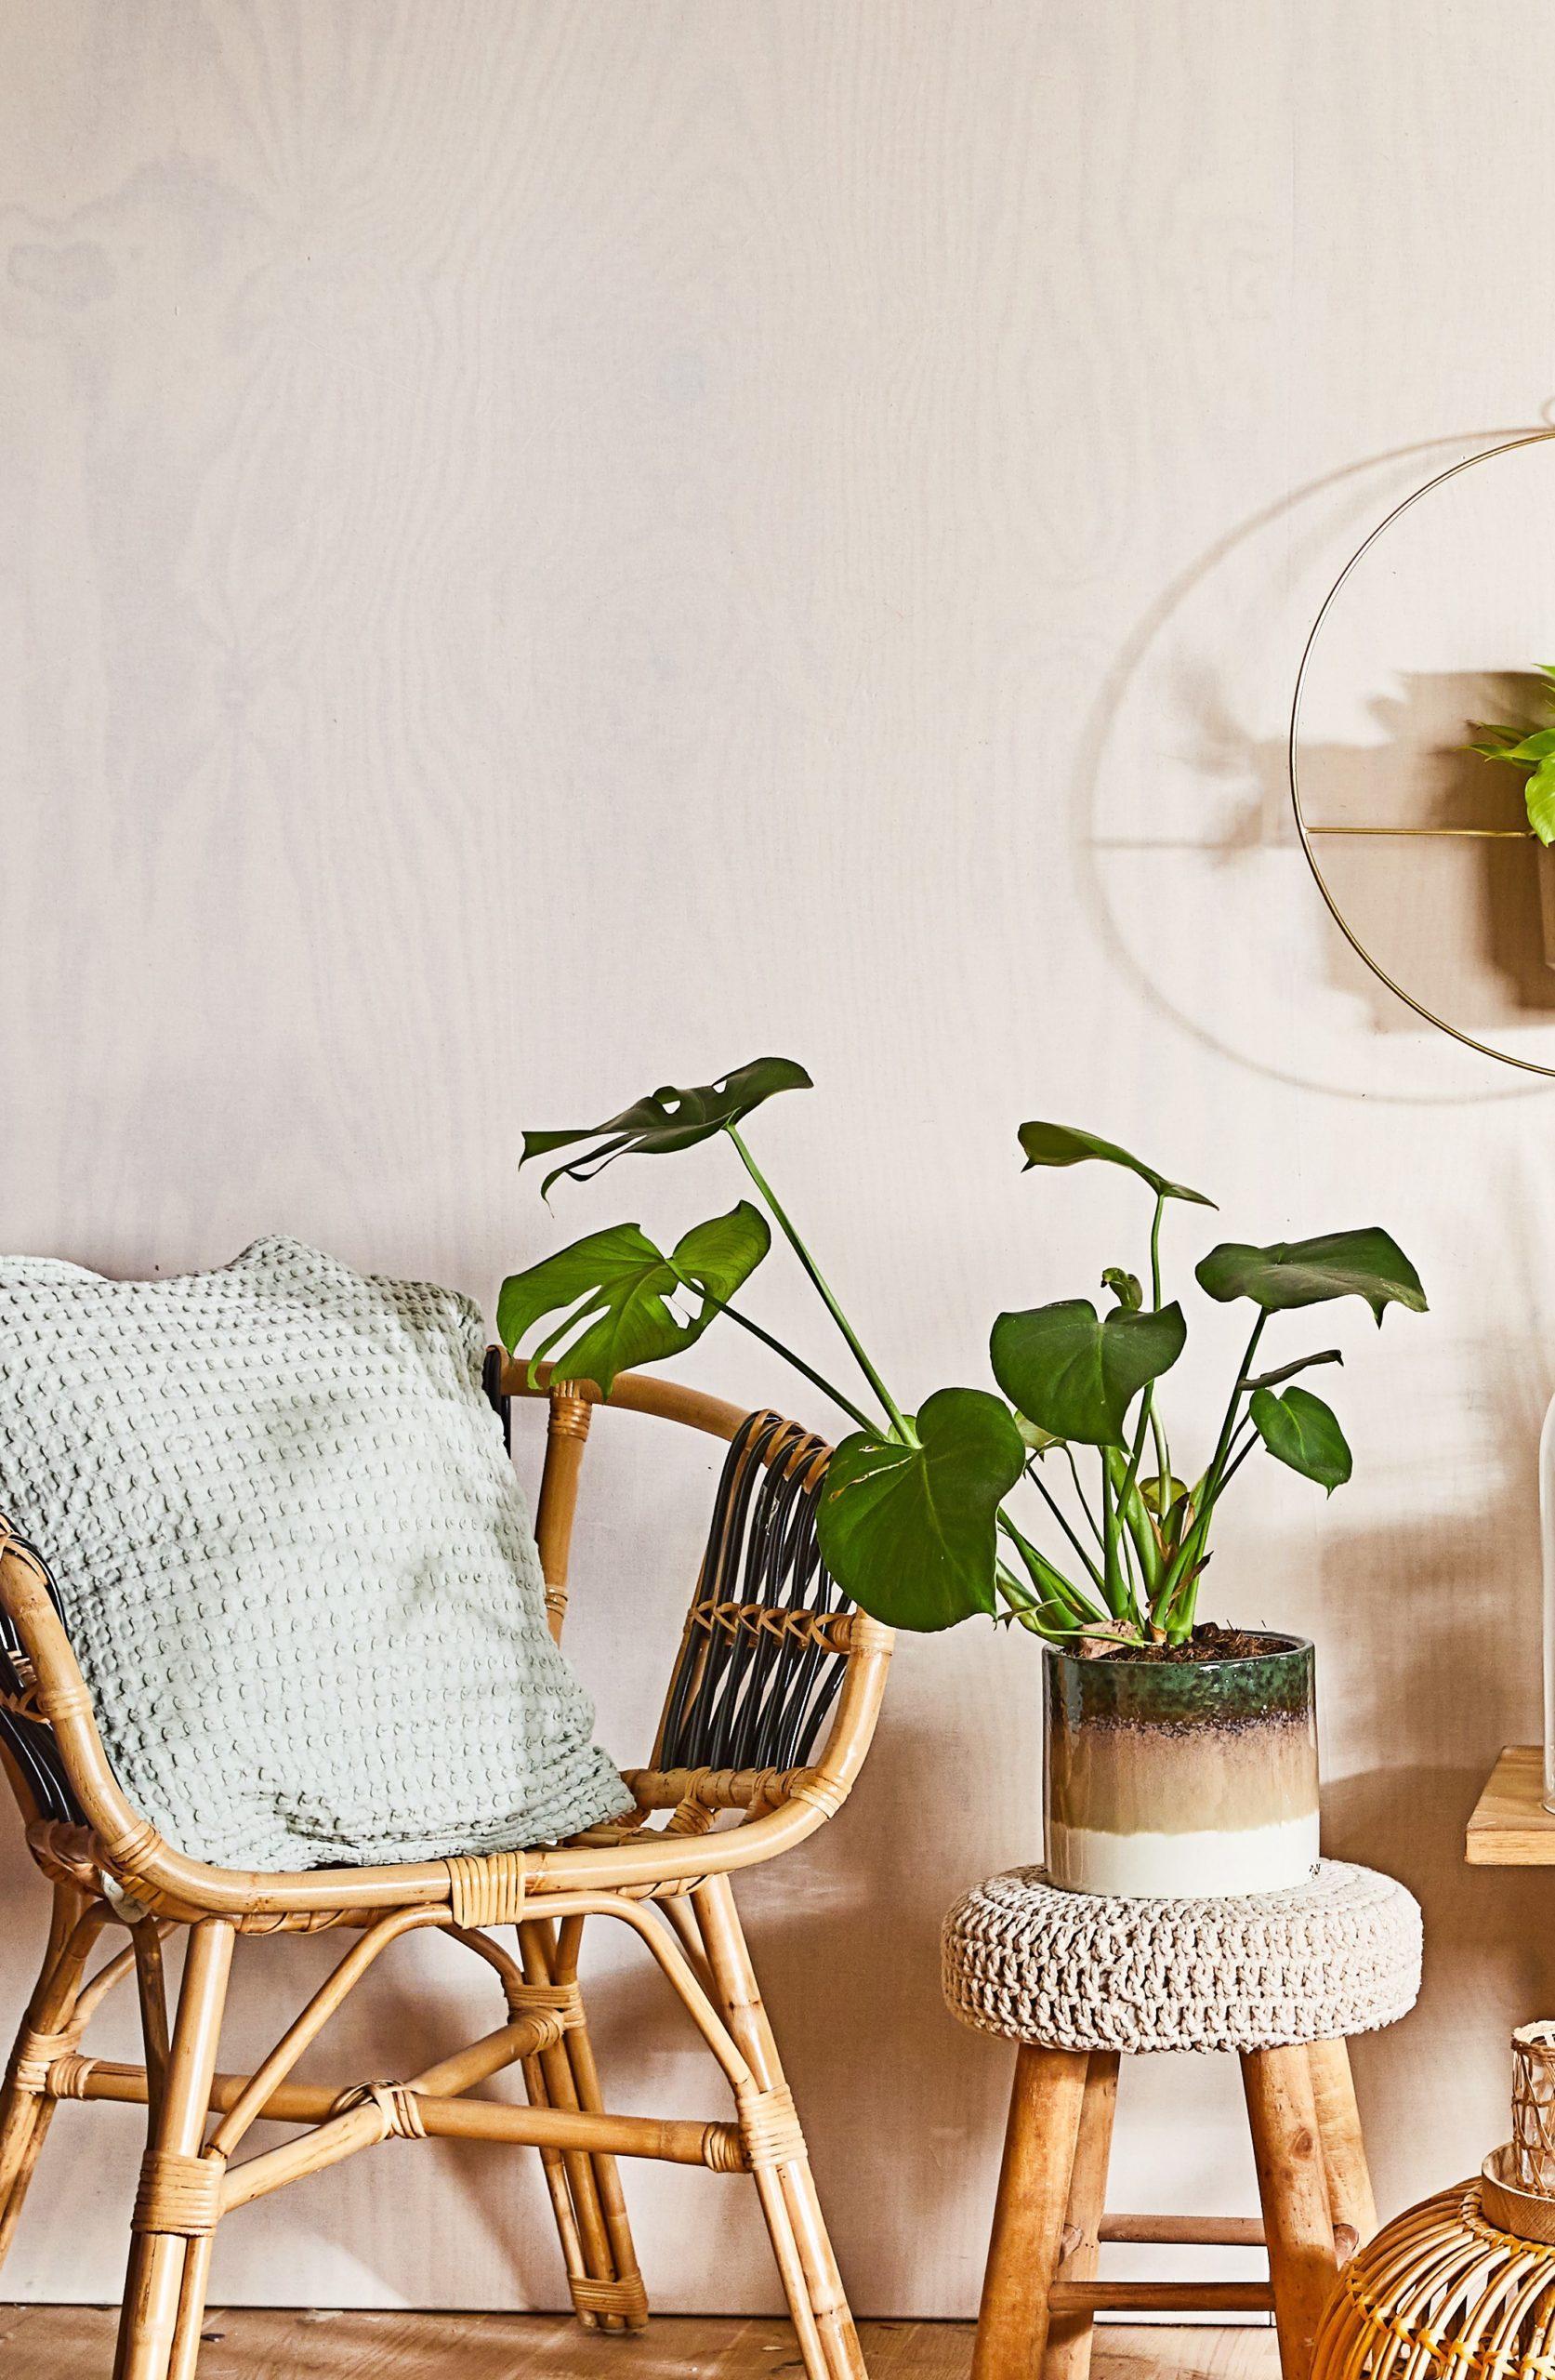 Białe wnętrze z rattanowym krzesłem z poduszką, stoliczek z monsterą deliciosą oraz dekoracją ściannę z rośliną